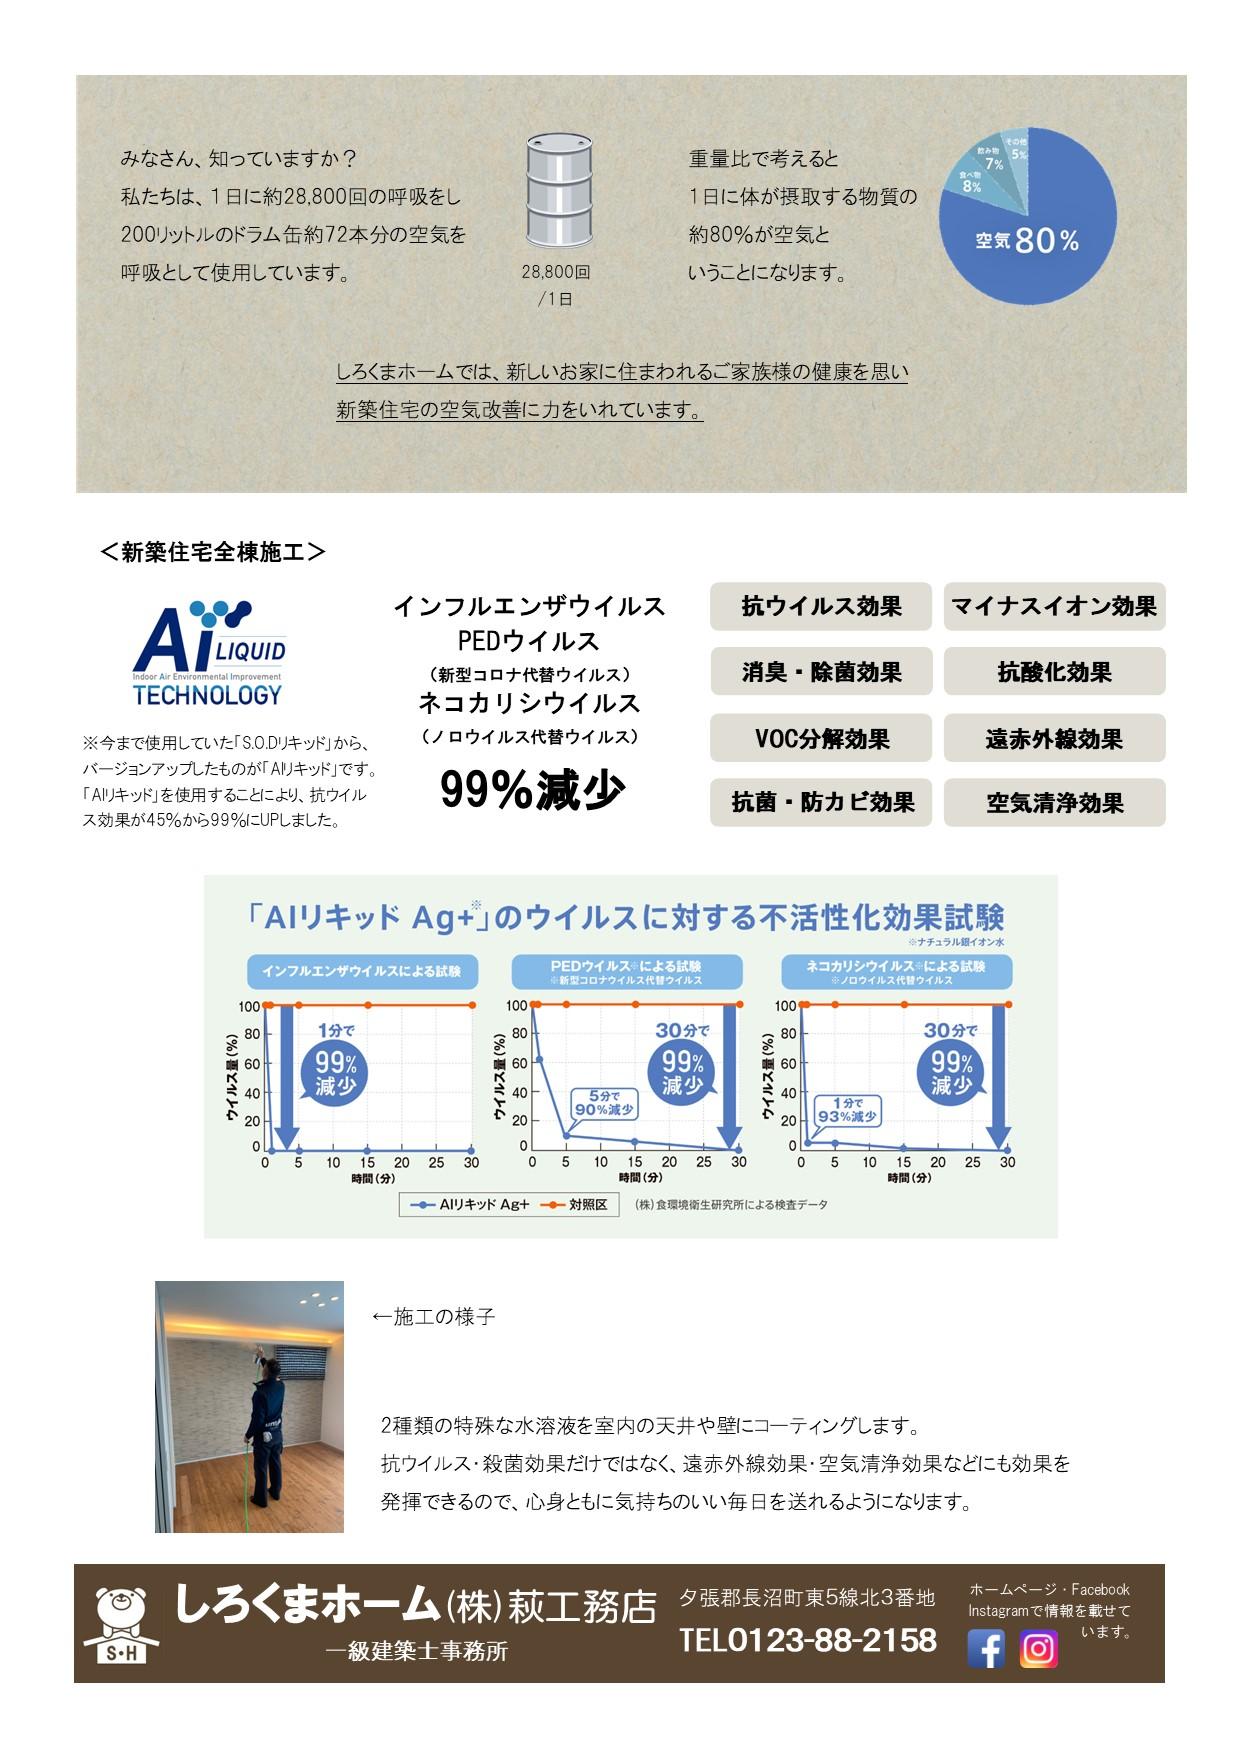 新築住宅の空気改善に力を入れています